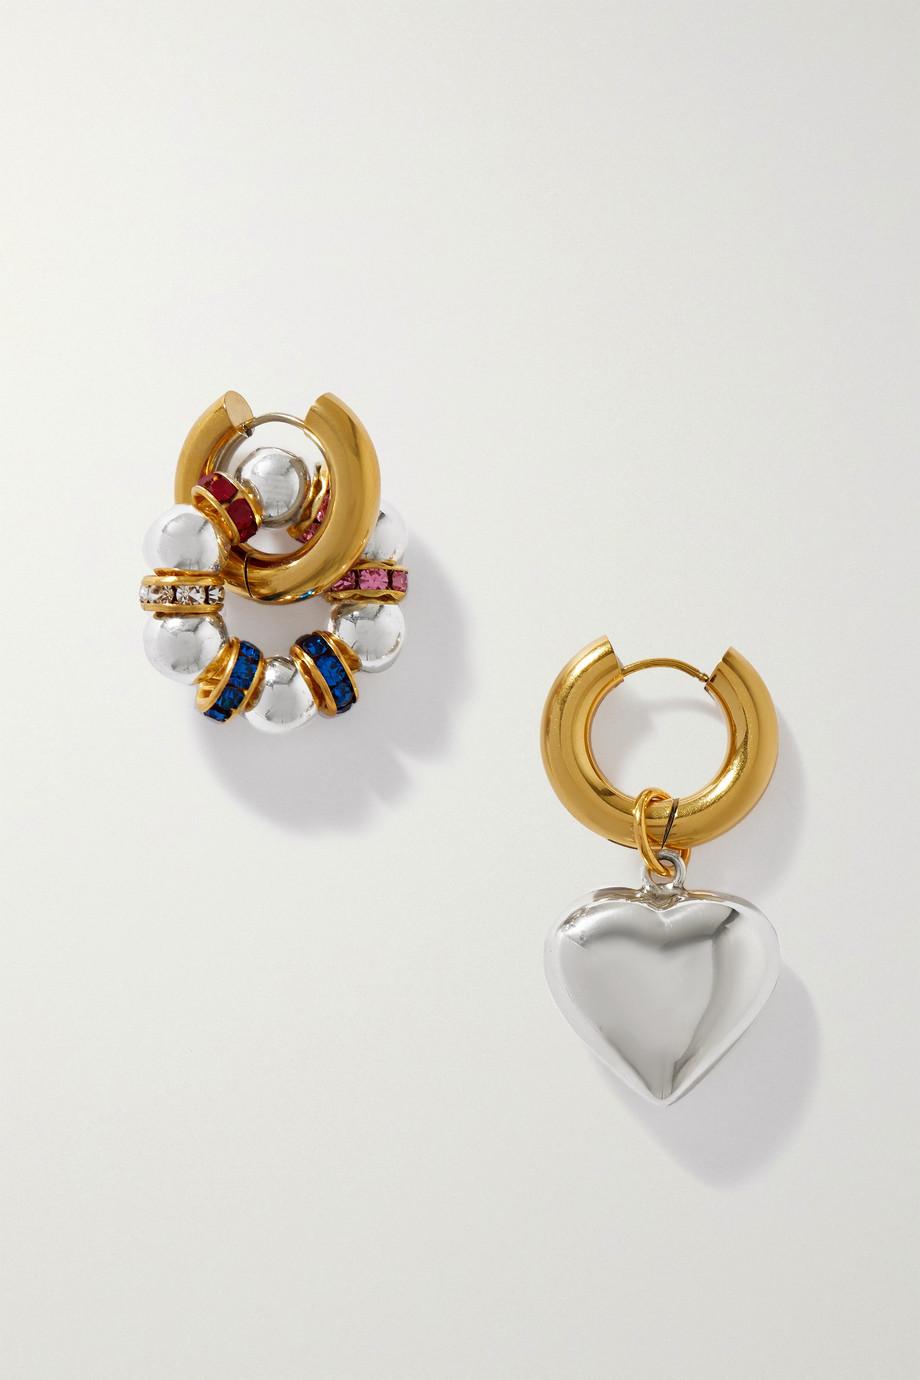 Timeless Pearly Vergoldete Creolen mit Swarovski-Kristallen und versilbertem Detail